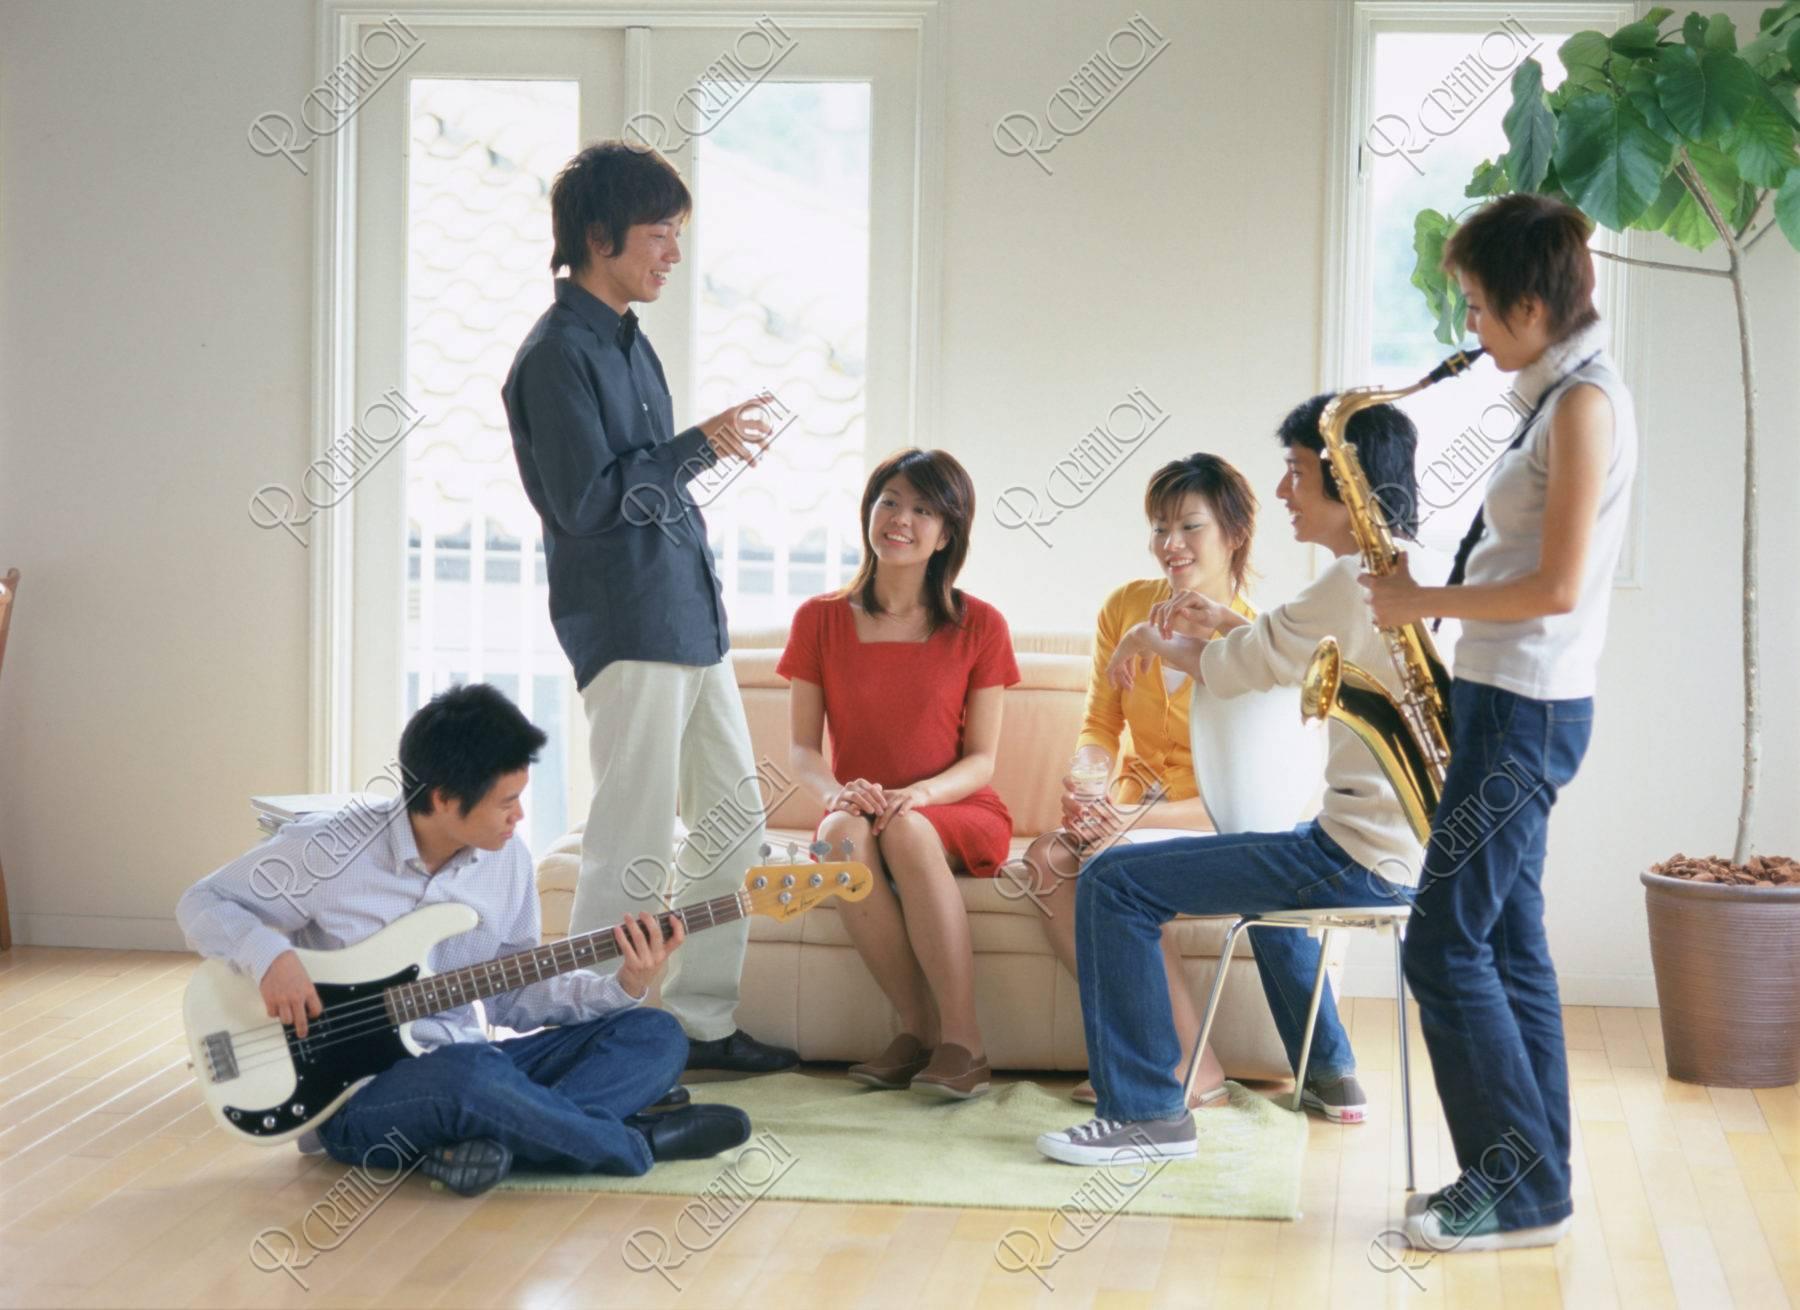 楽器で楽しむ若者達